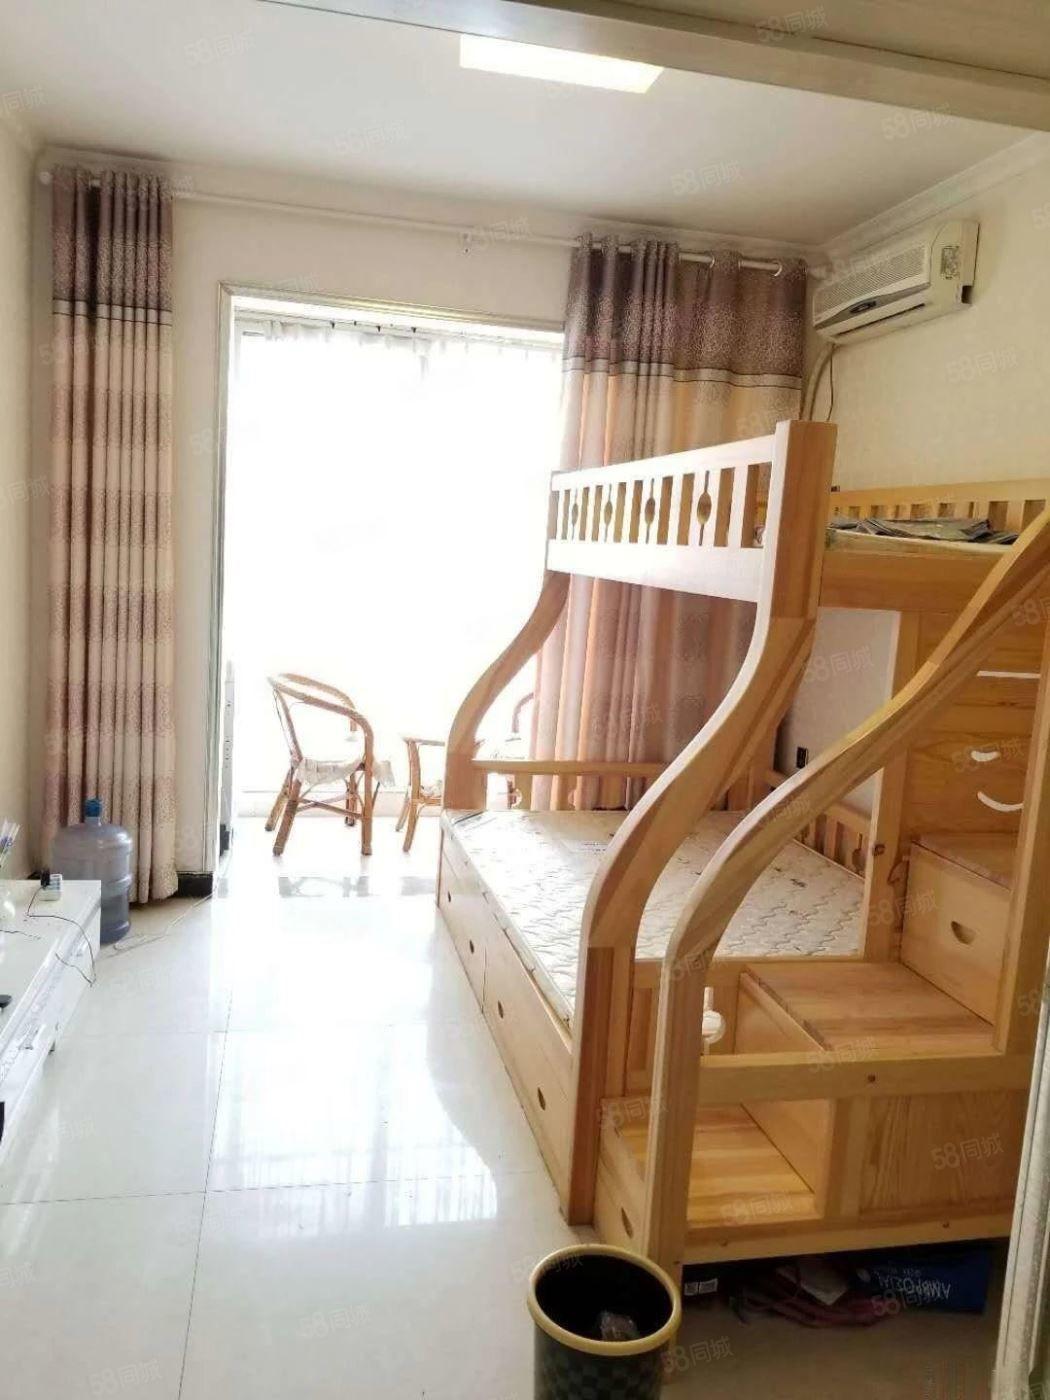 海燕鑫聚,有短租,一室两室三室的都有,拎包住,价格可谈!